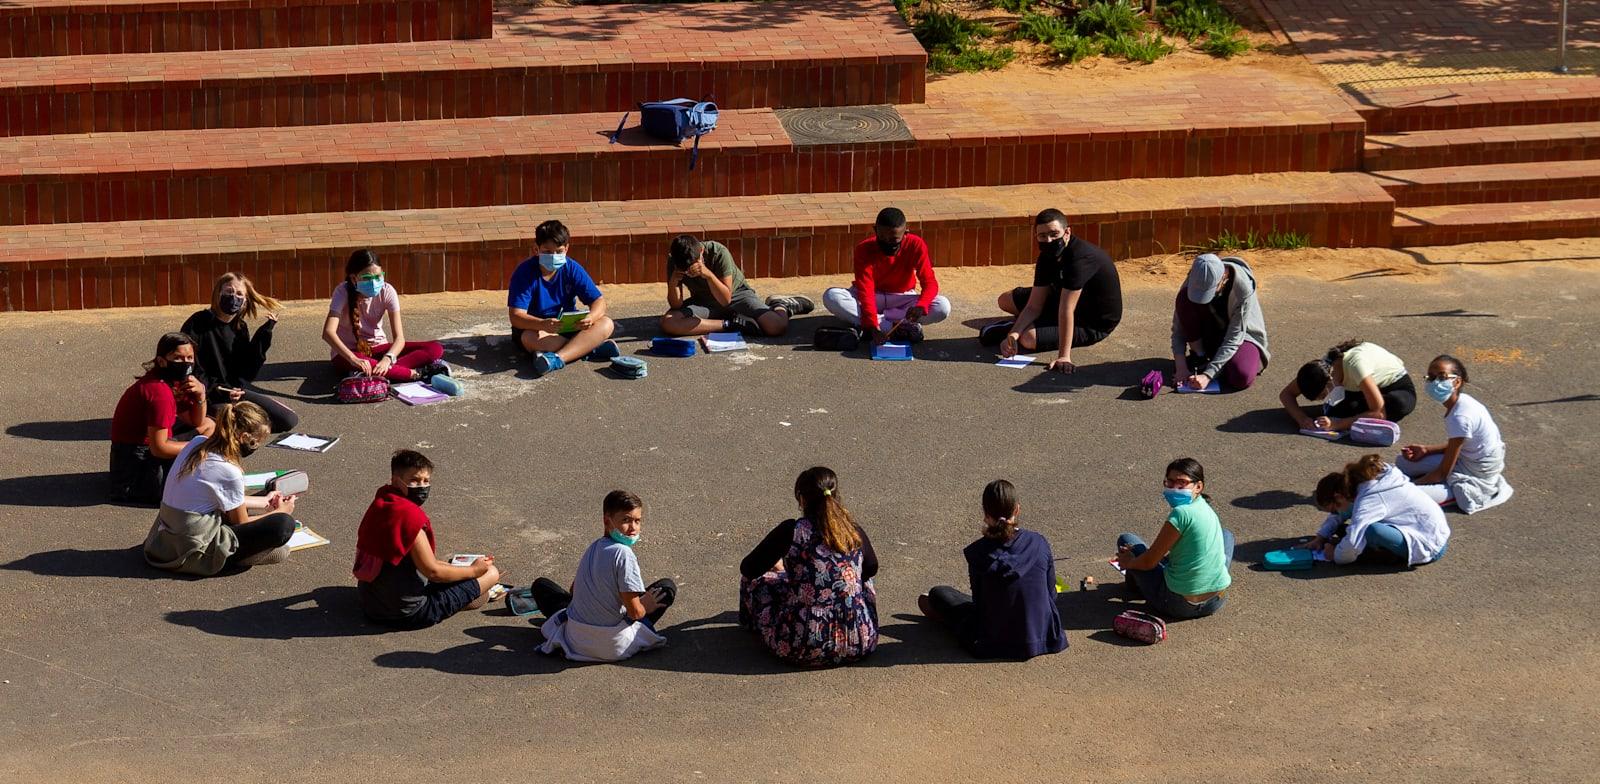 תלמידים בבית הספר בימי קורונה / צילום: Shutterstock